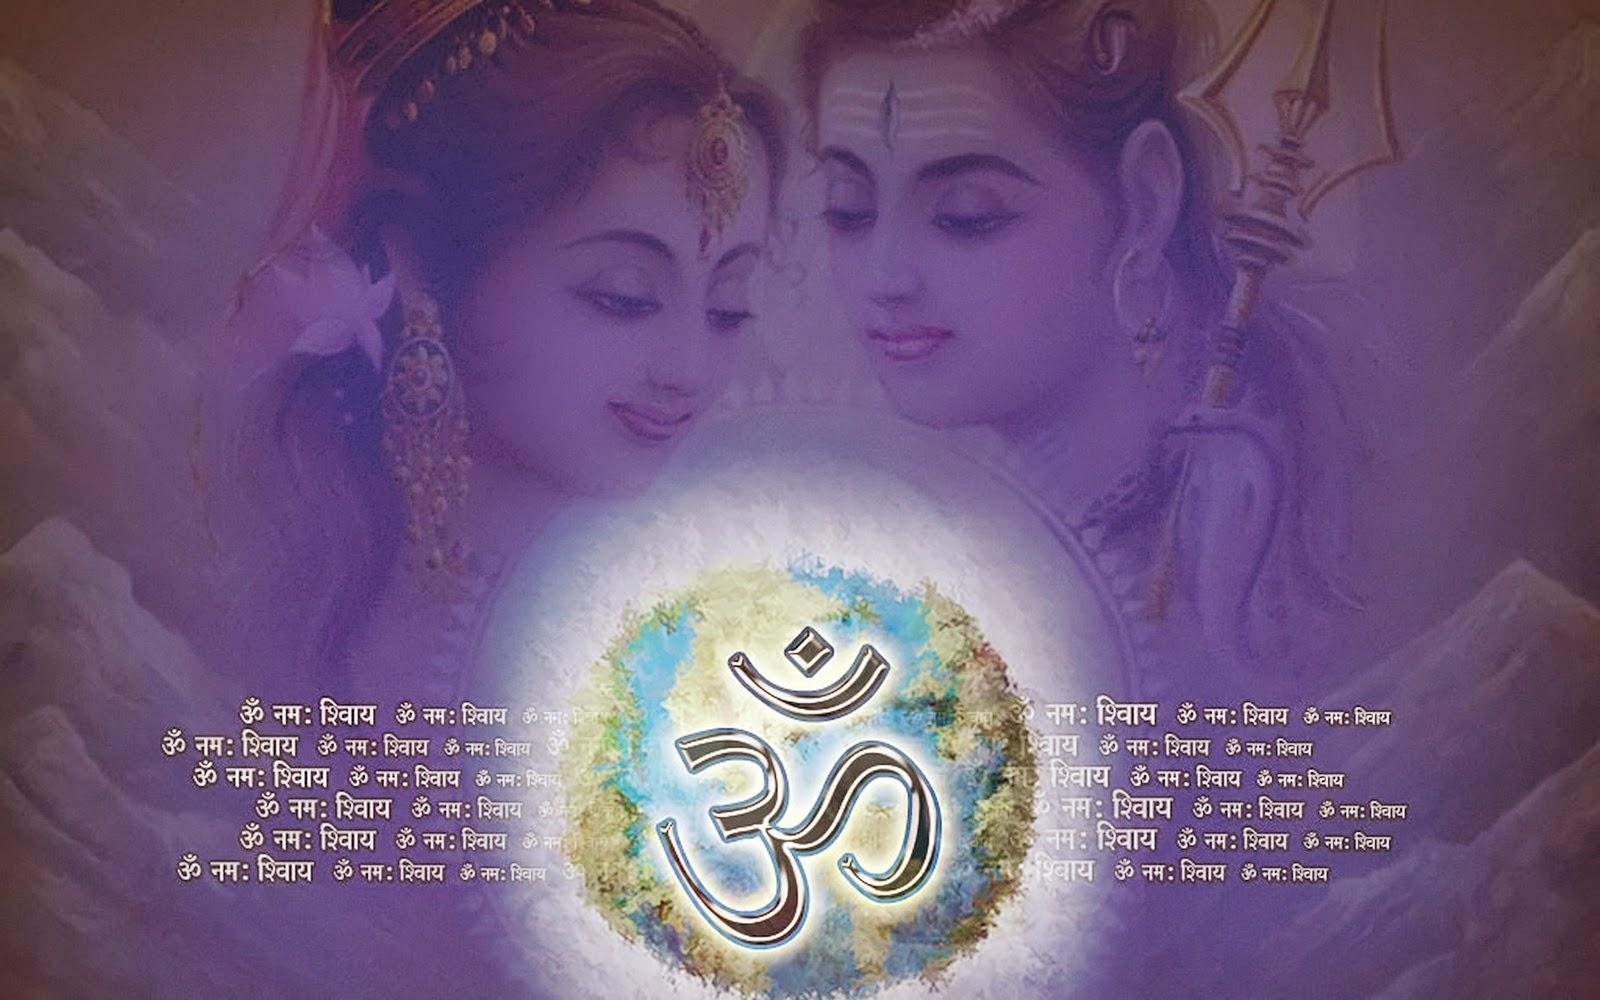 Mahadev hd wallpaper tattoo design bild for Har har mahadev tattoo